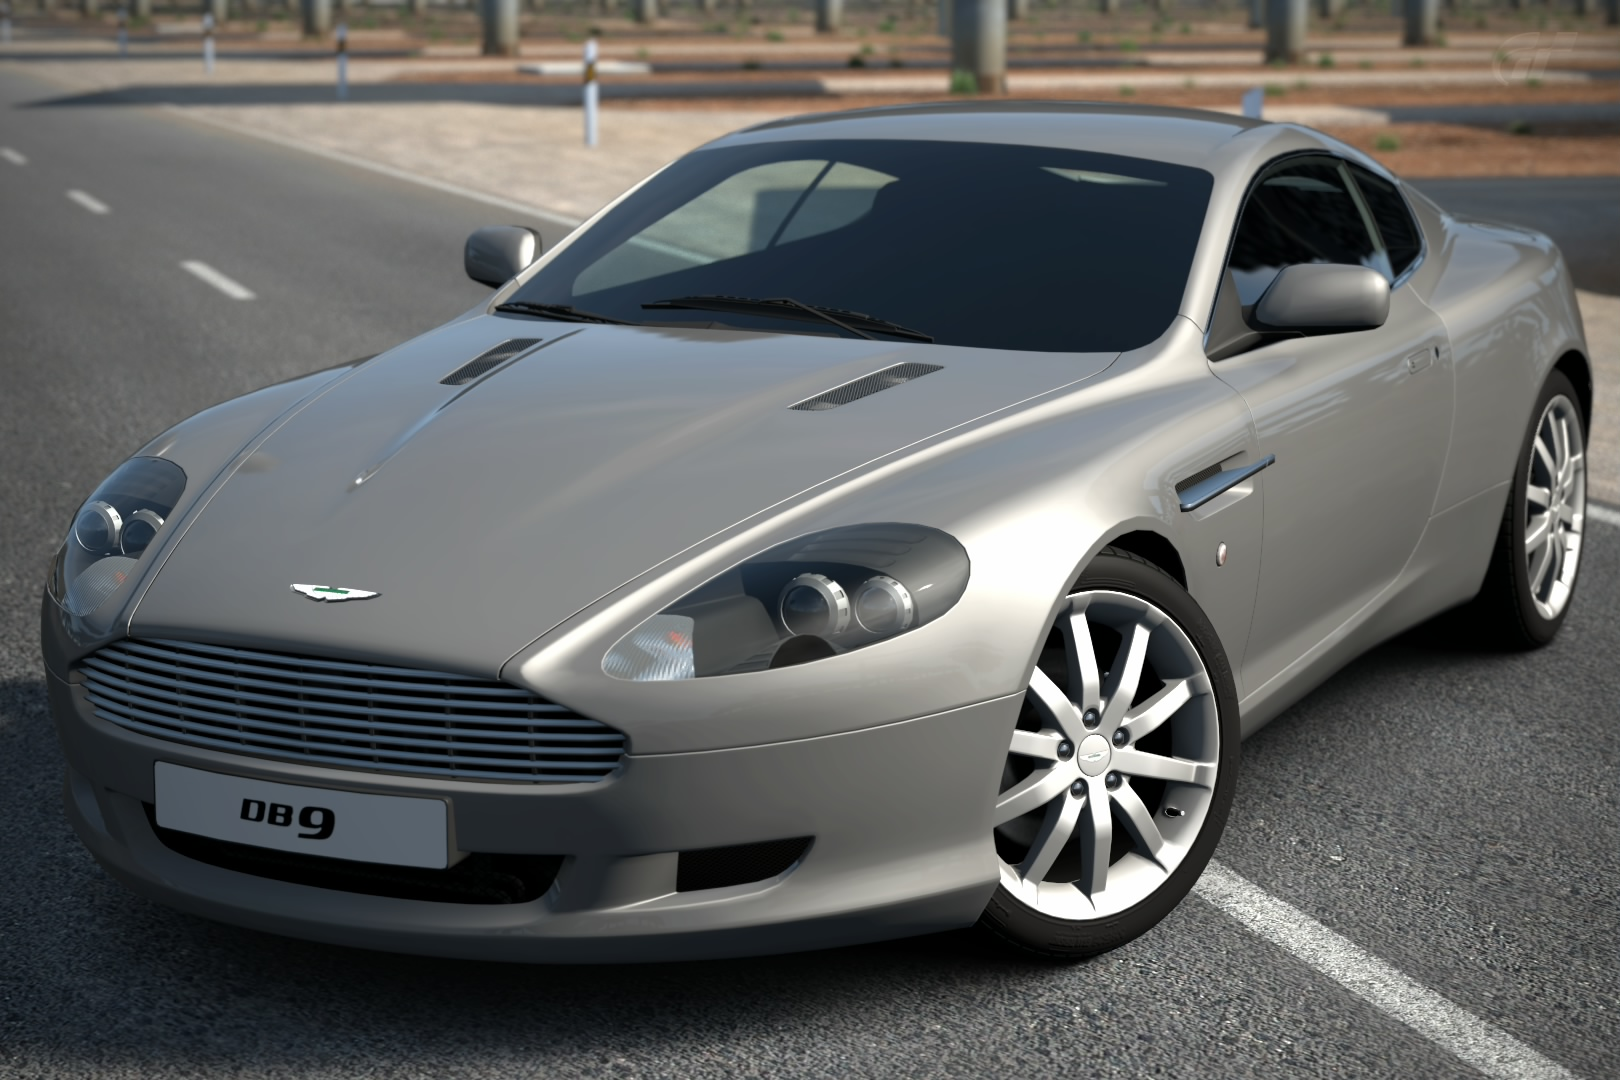 Aston Martin DB Coupe Gran Turismo Wiki FANDOM Powered By Wikia - Aston martin db9 coupe